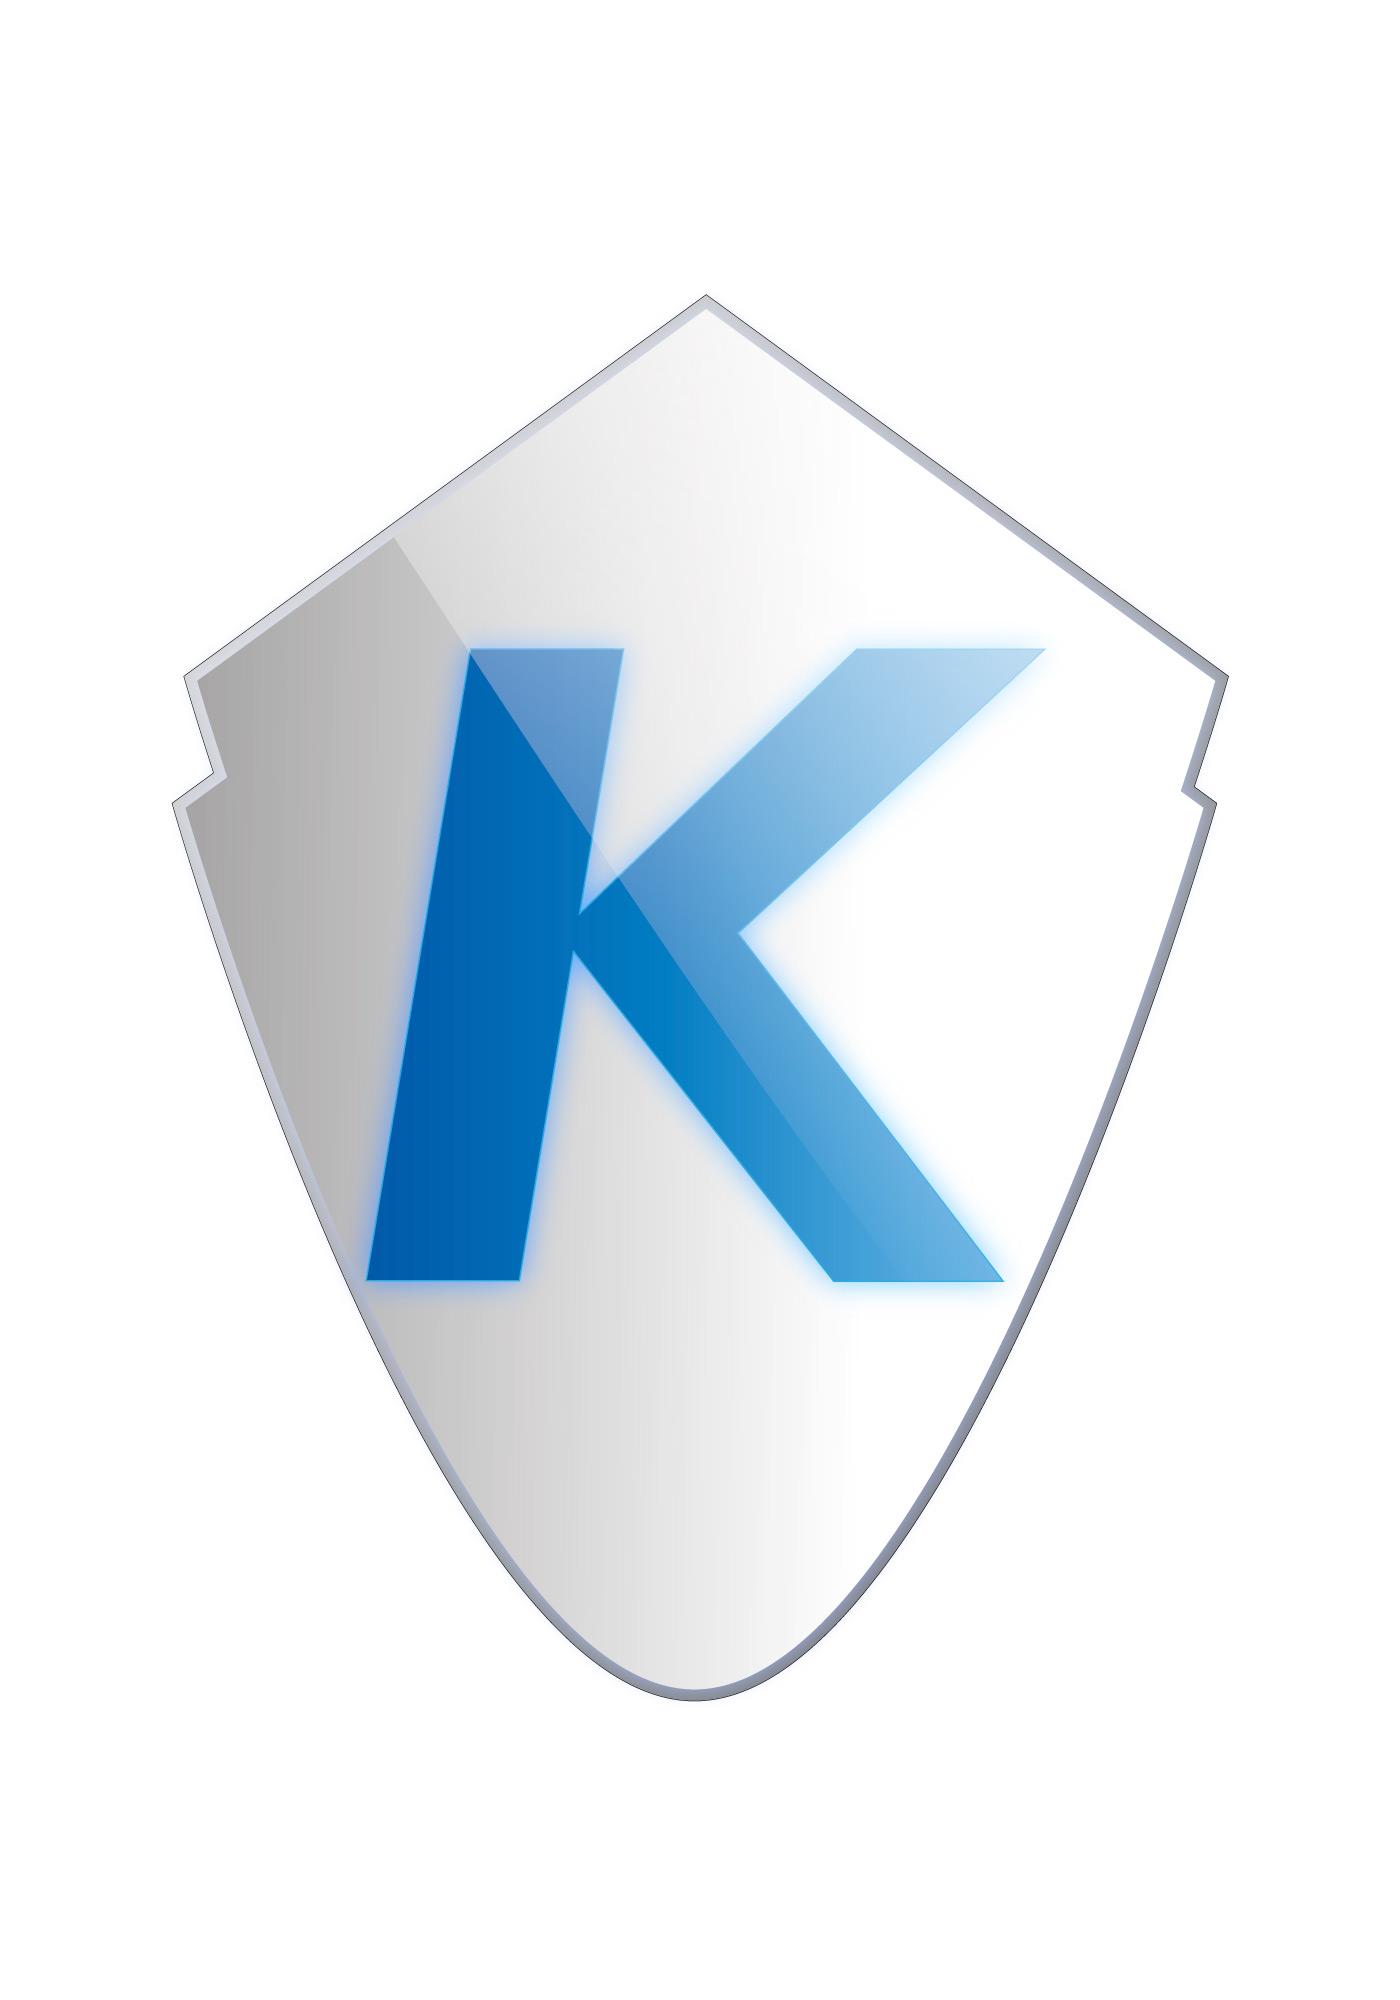 Kantech Advantage Program (KAP)